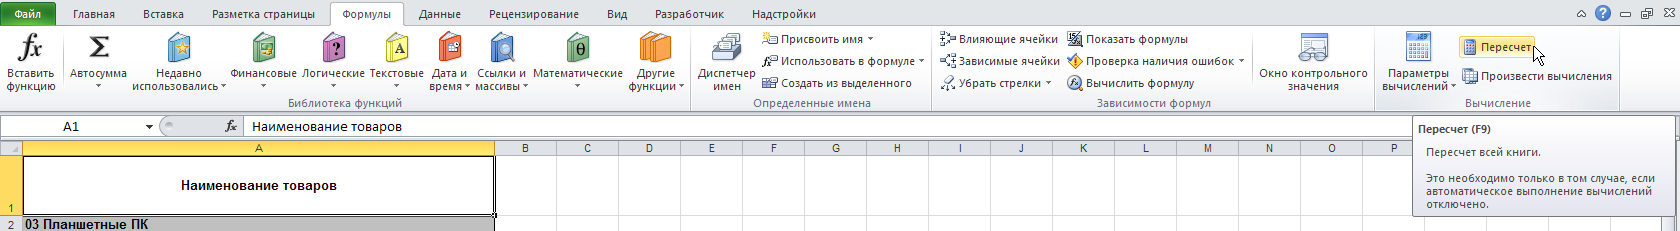 Excel: Лента - Формулы - Вычисление - Пересчет